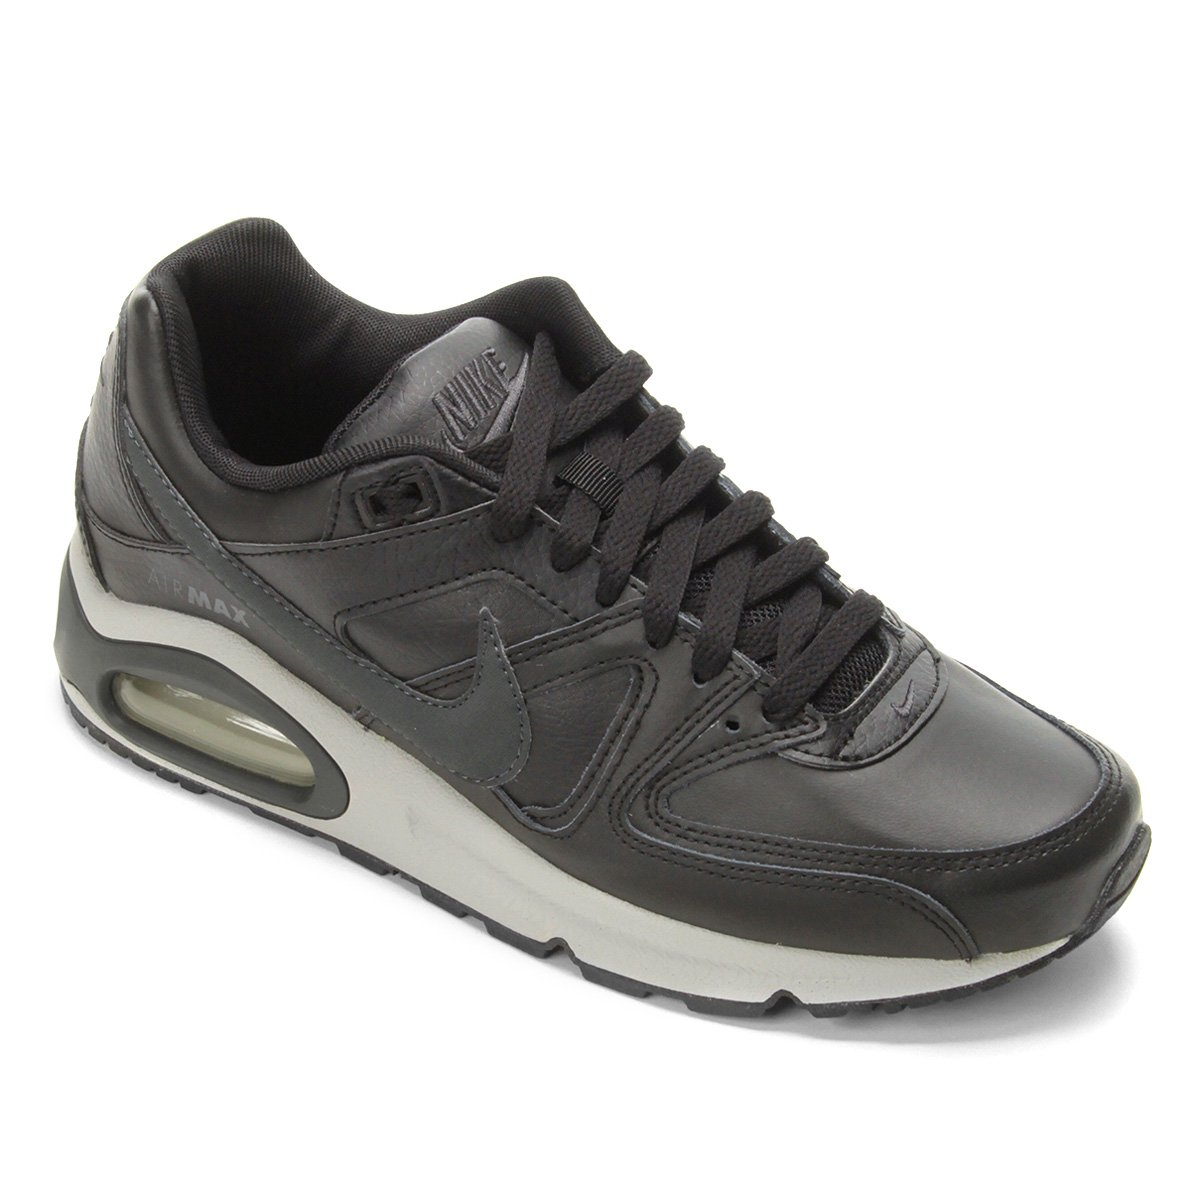 8e02936797 Tênis Nike Air Max Command Leather Masculino - Preto e Cinza   Zattini